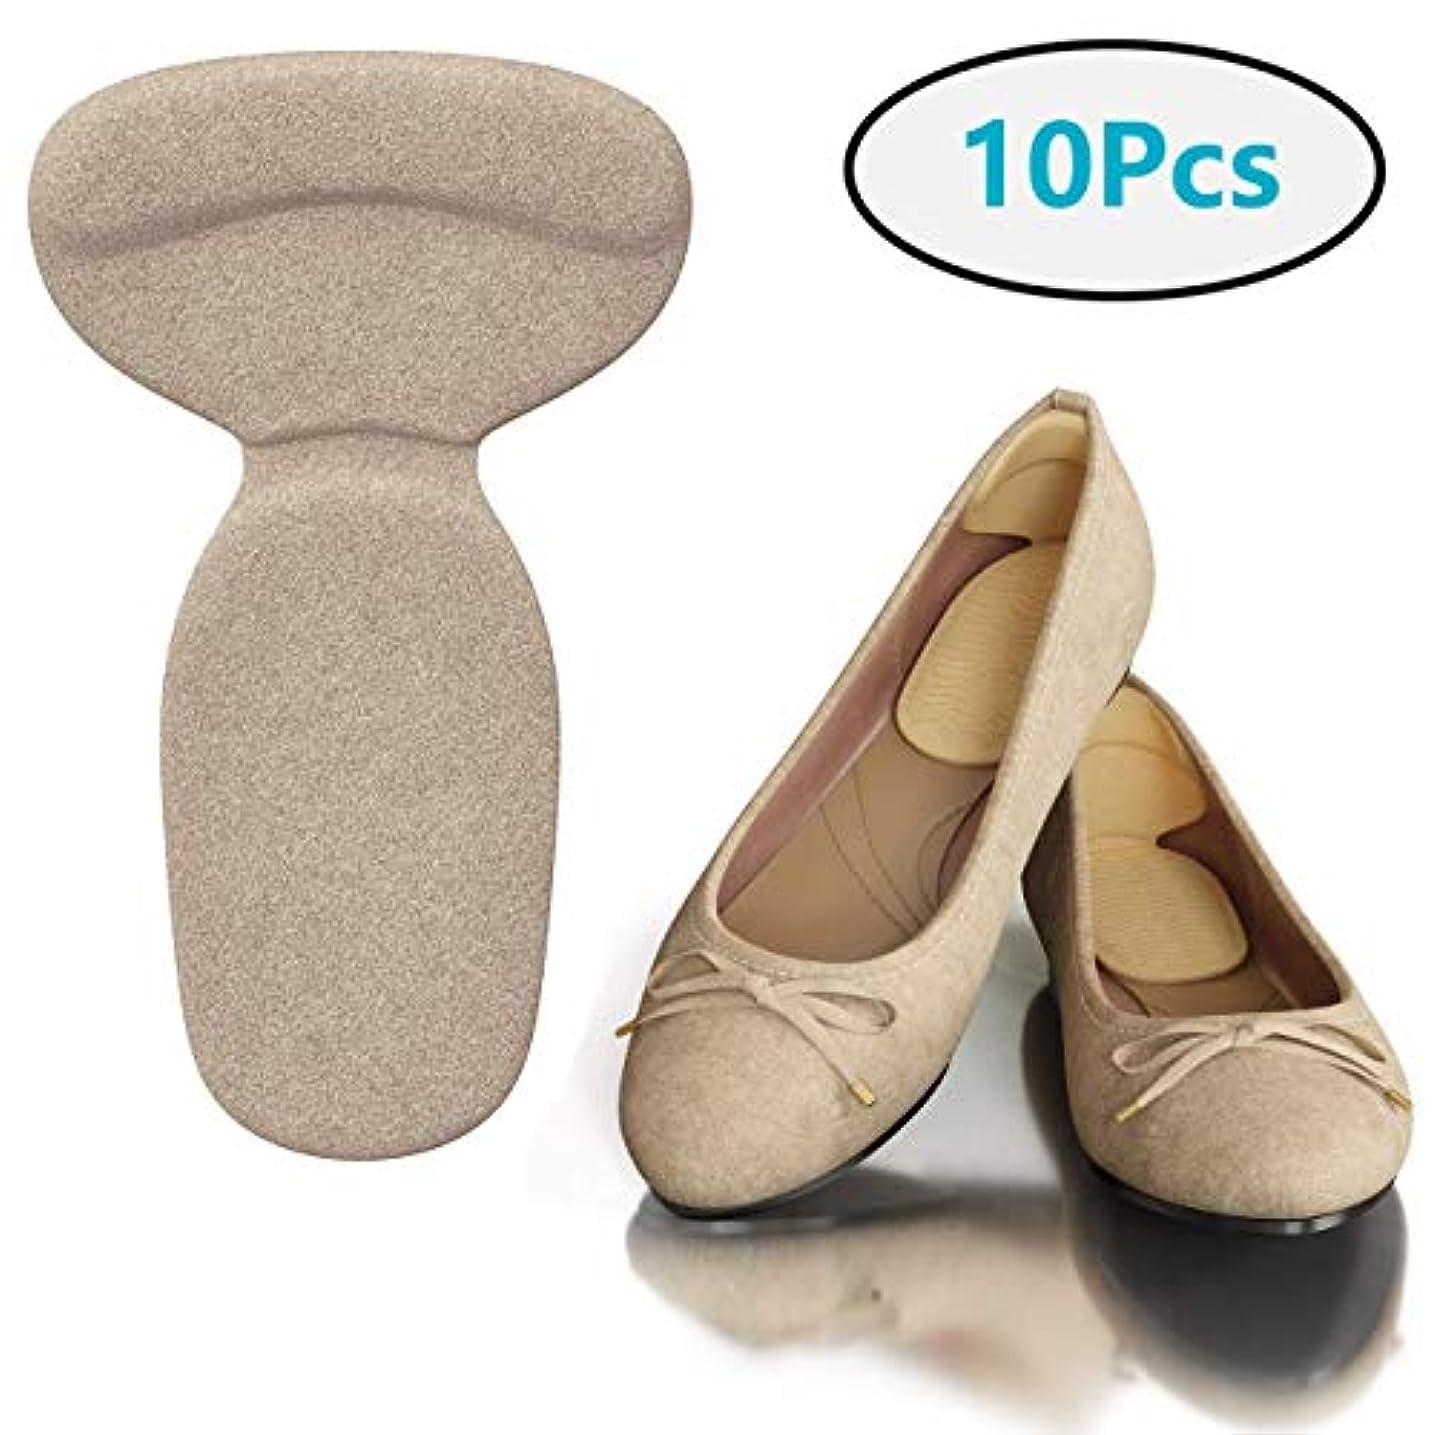 レオナルドダ伴う怠大きすぎる靴のヒールグリップ-10靴インサートパッド-足の痛みの軽減、足底筋膜炎、骨の痛み、アキレスの痛みのためのジェルヒールカップ